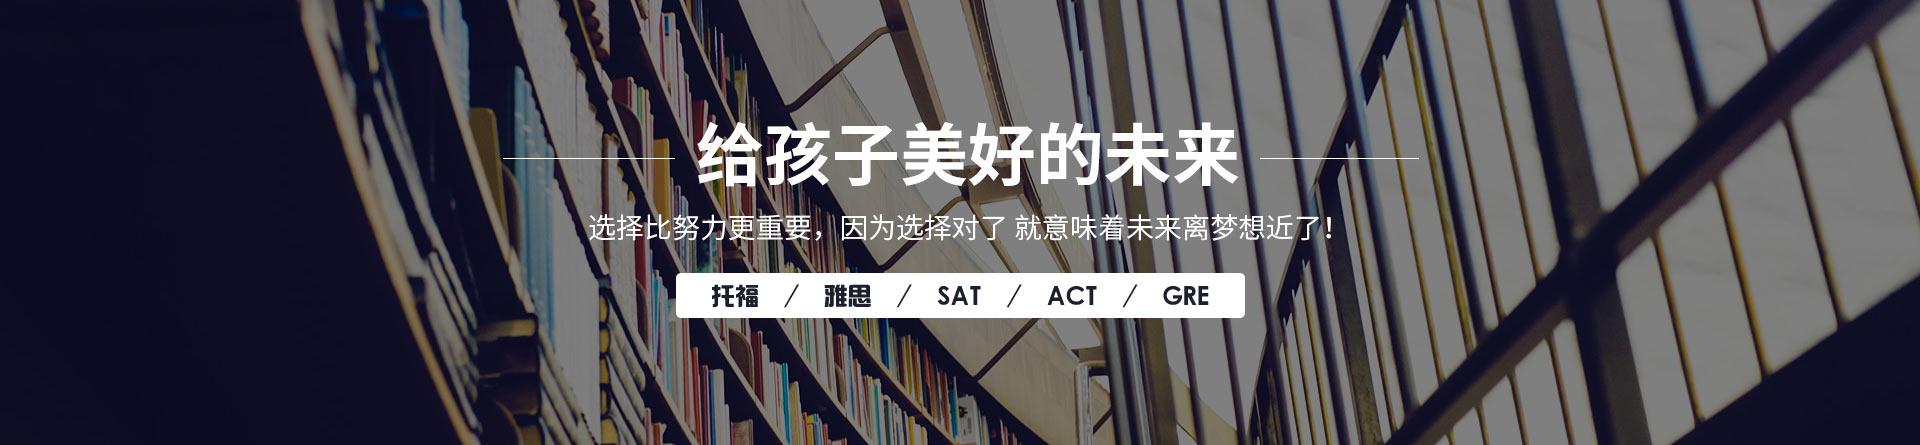 河南焦作飞洋留学机构